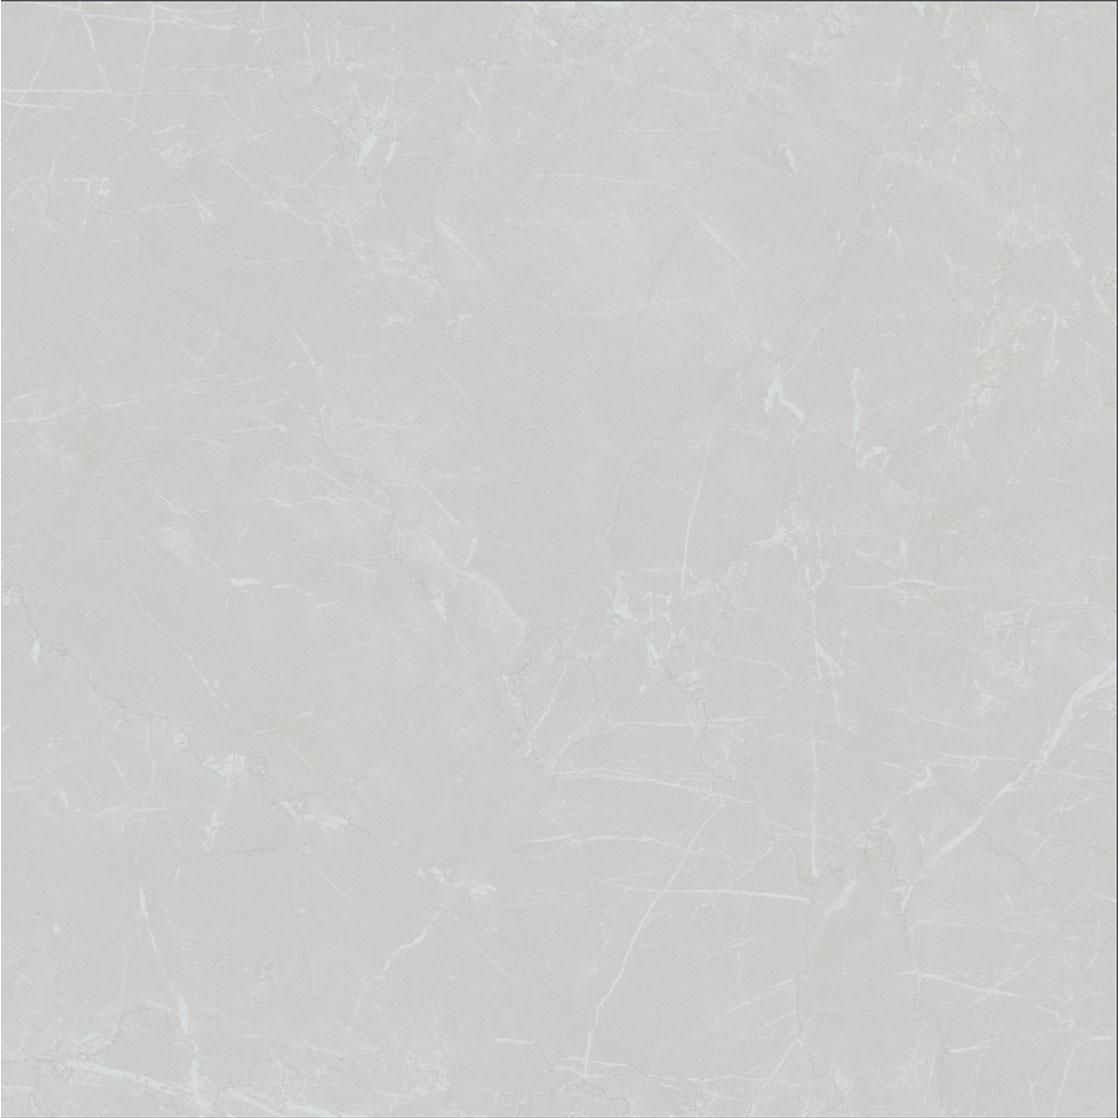 Gạch lát nền 600x600 Viglacera M6005 giá rẻ